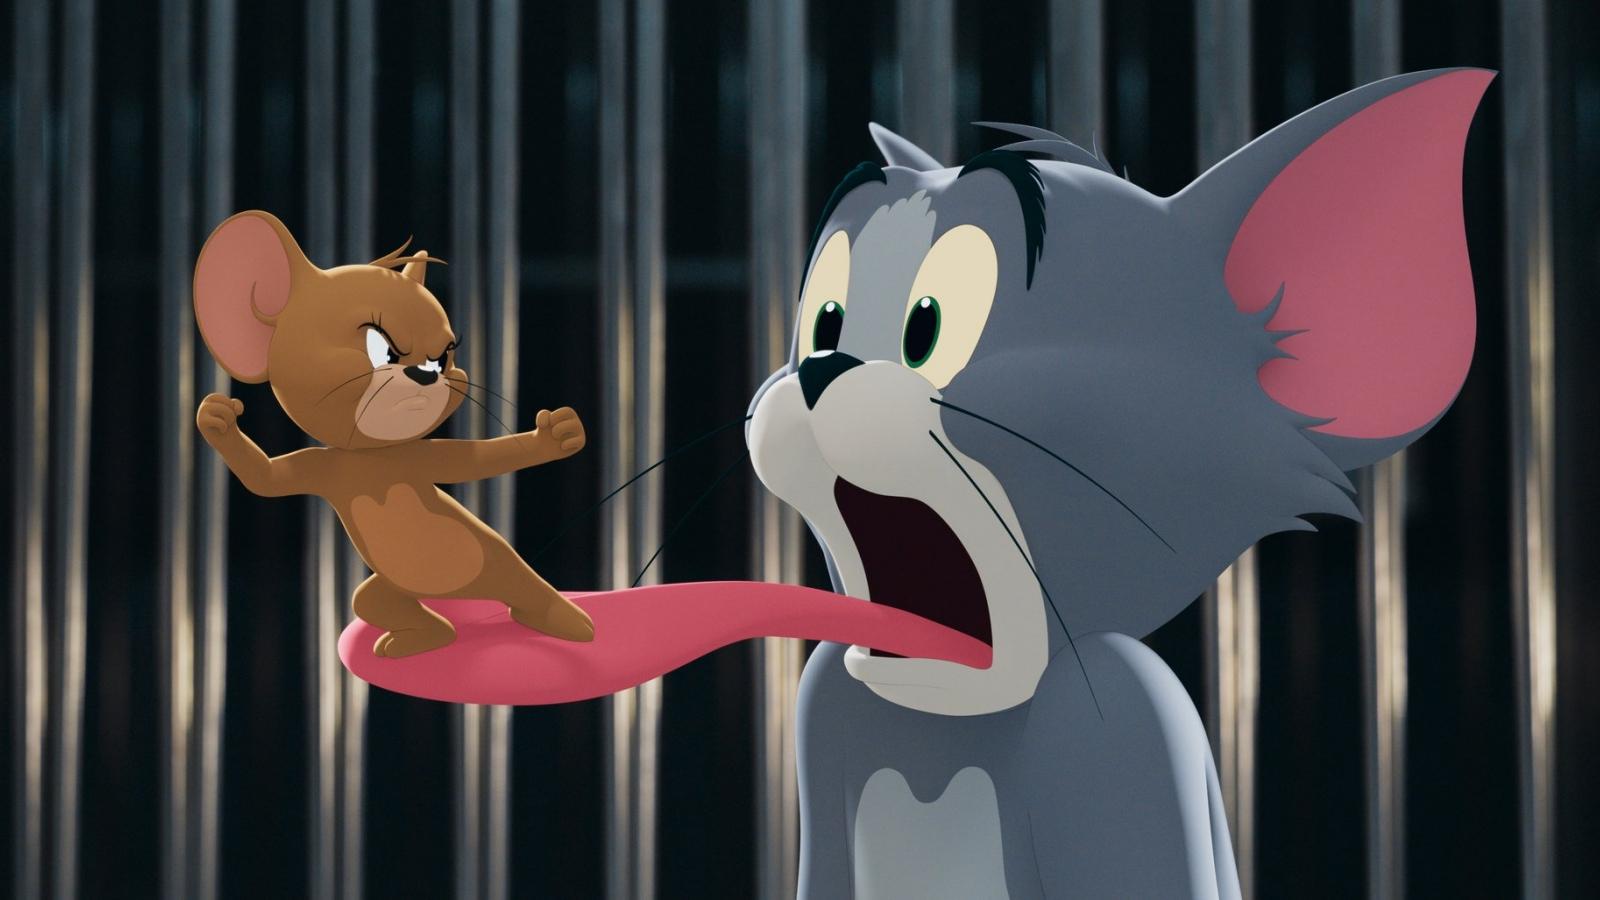 """Phiên bản điện ảnh của """"Tom và Jerry"""" có gì hấp dẫn?"""